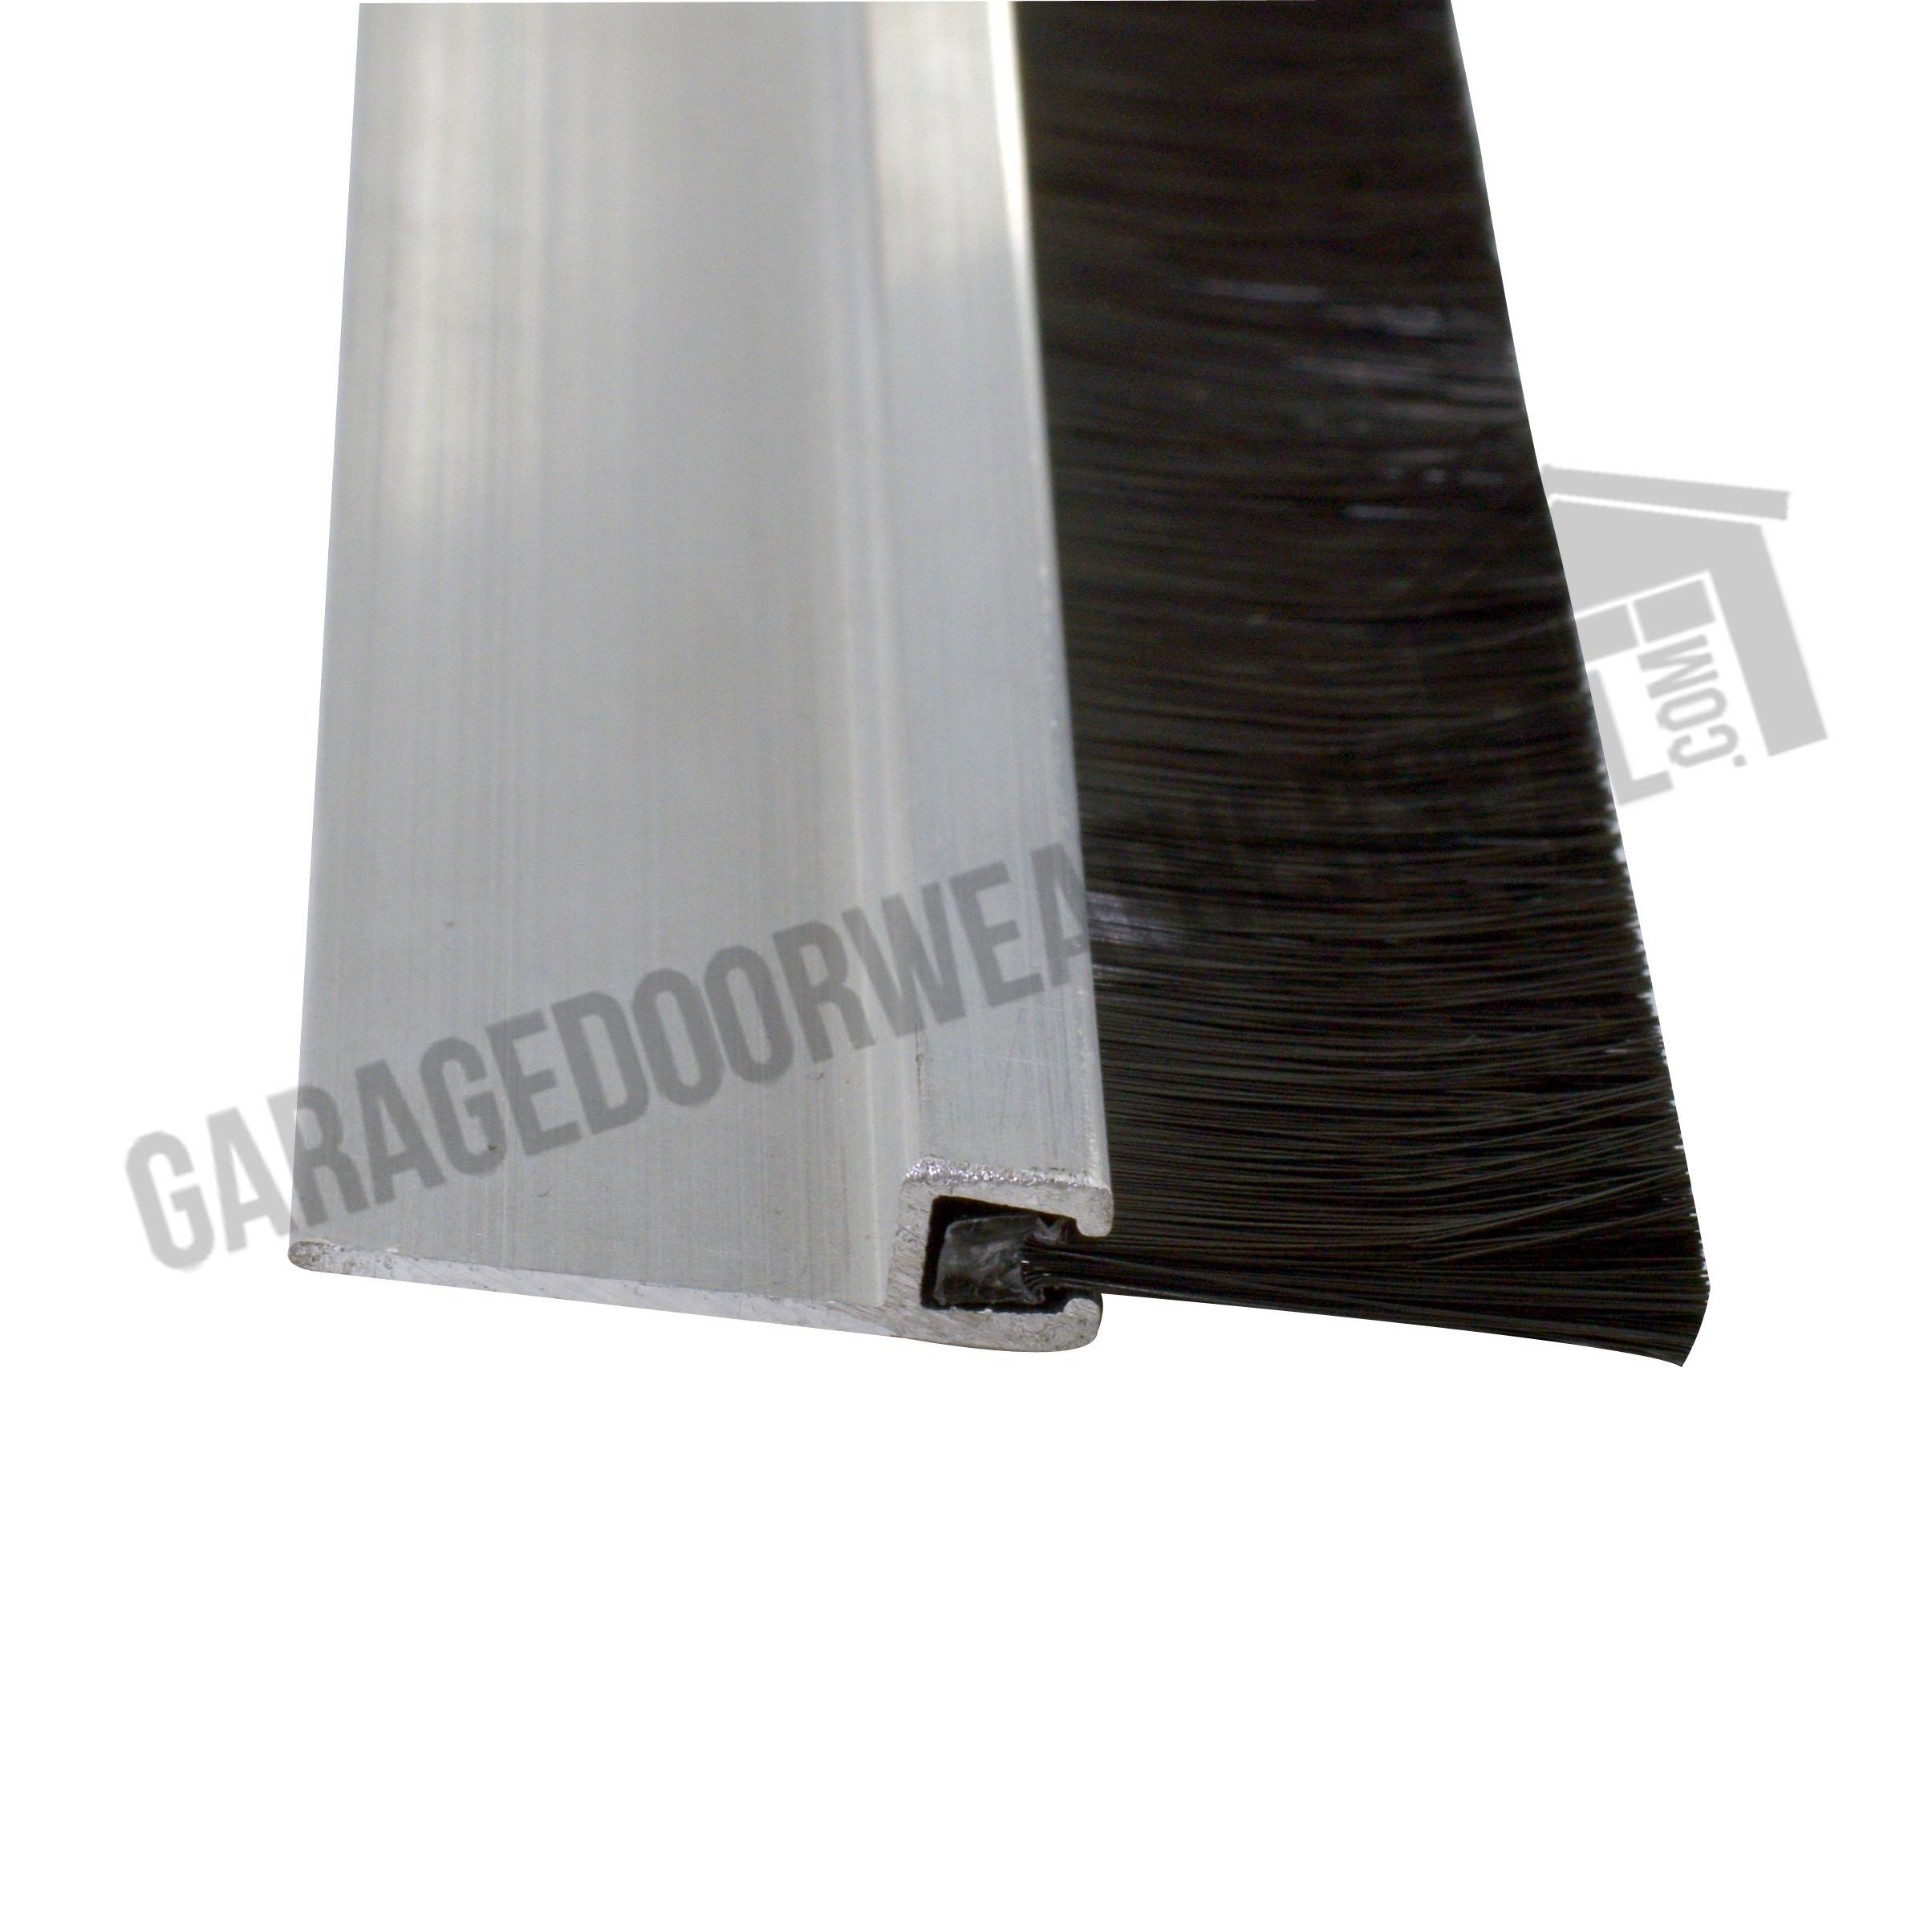 Garage Door Retainer 1 Inch Straight Garage Door